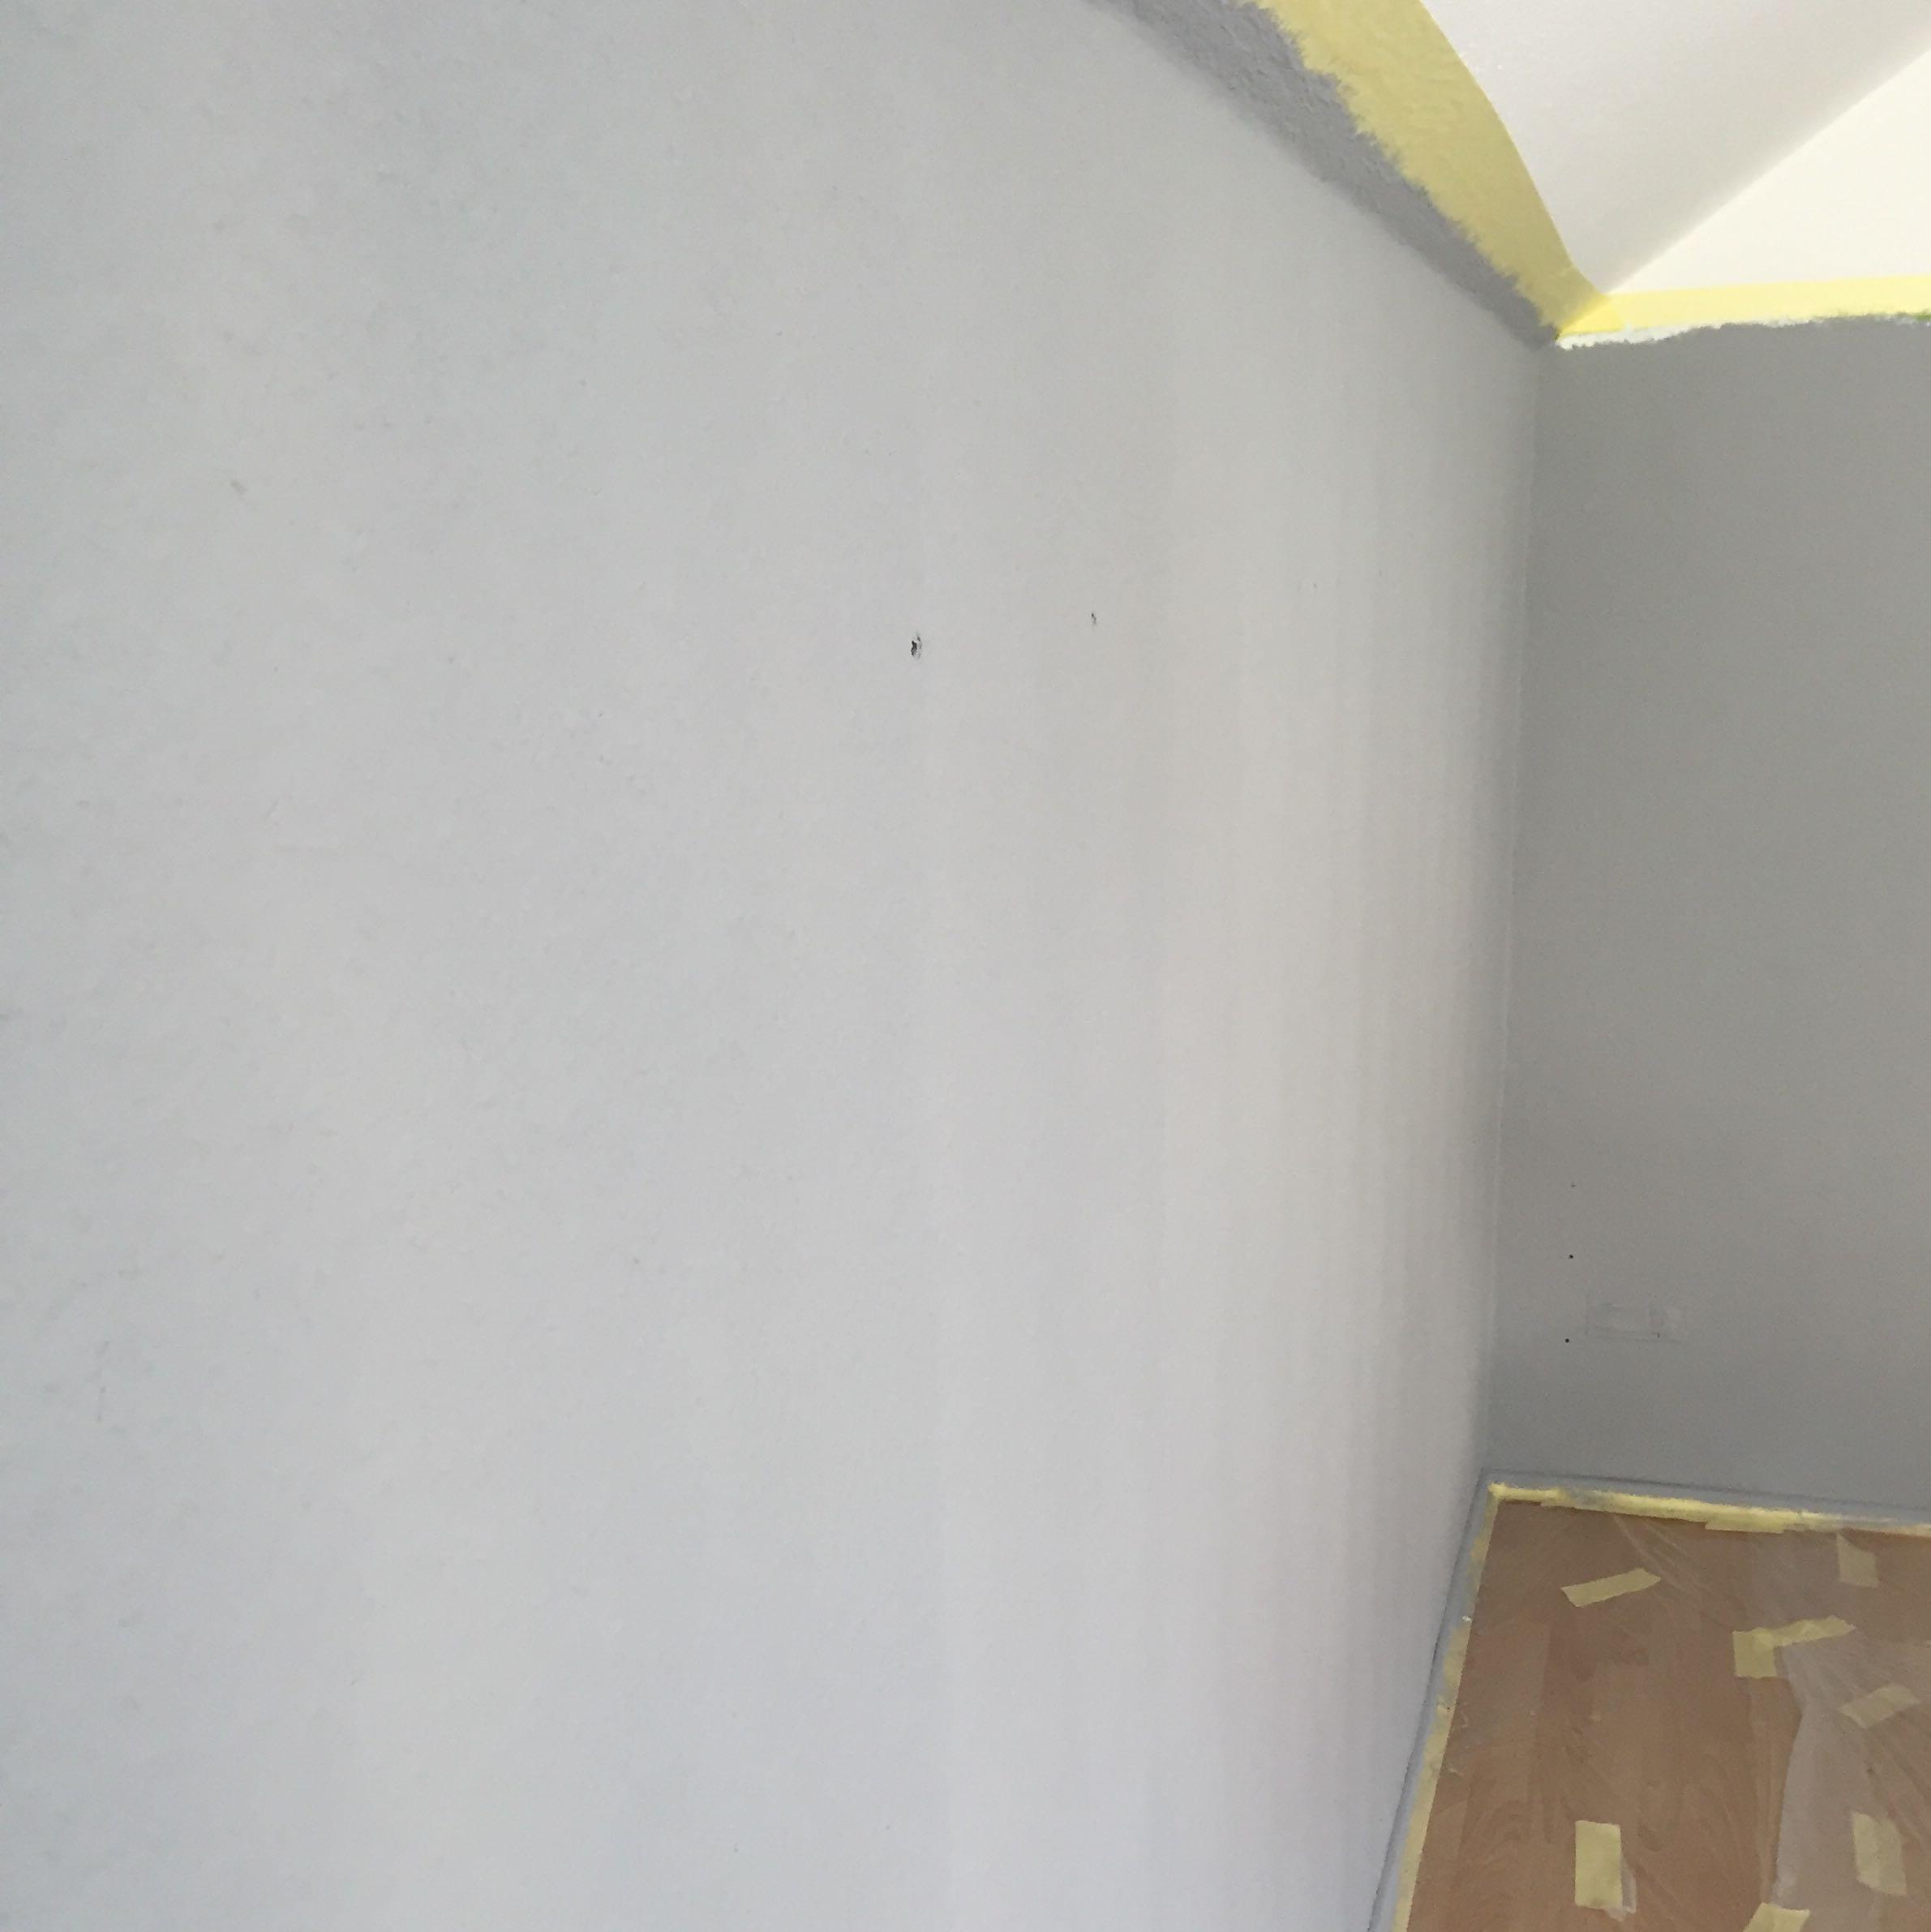 Farbige Wandgestaltung  Jtleigh.com - Hausgestaltung Ideen